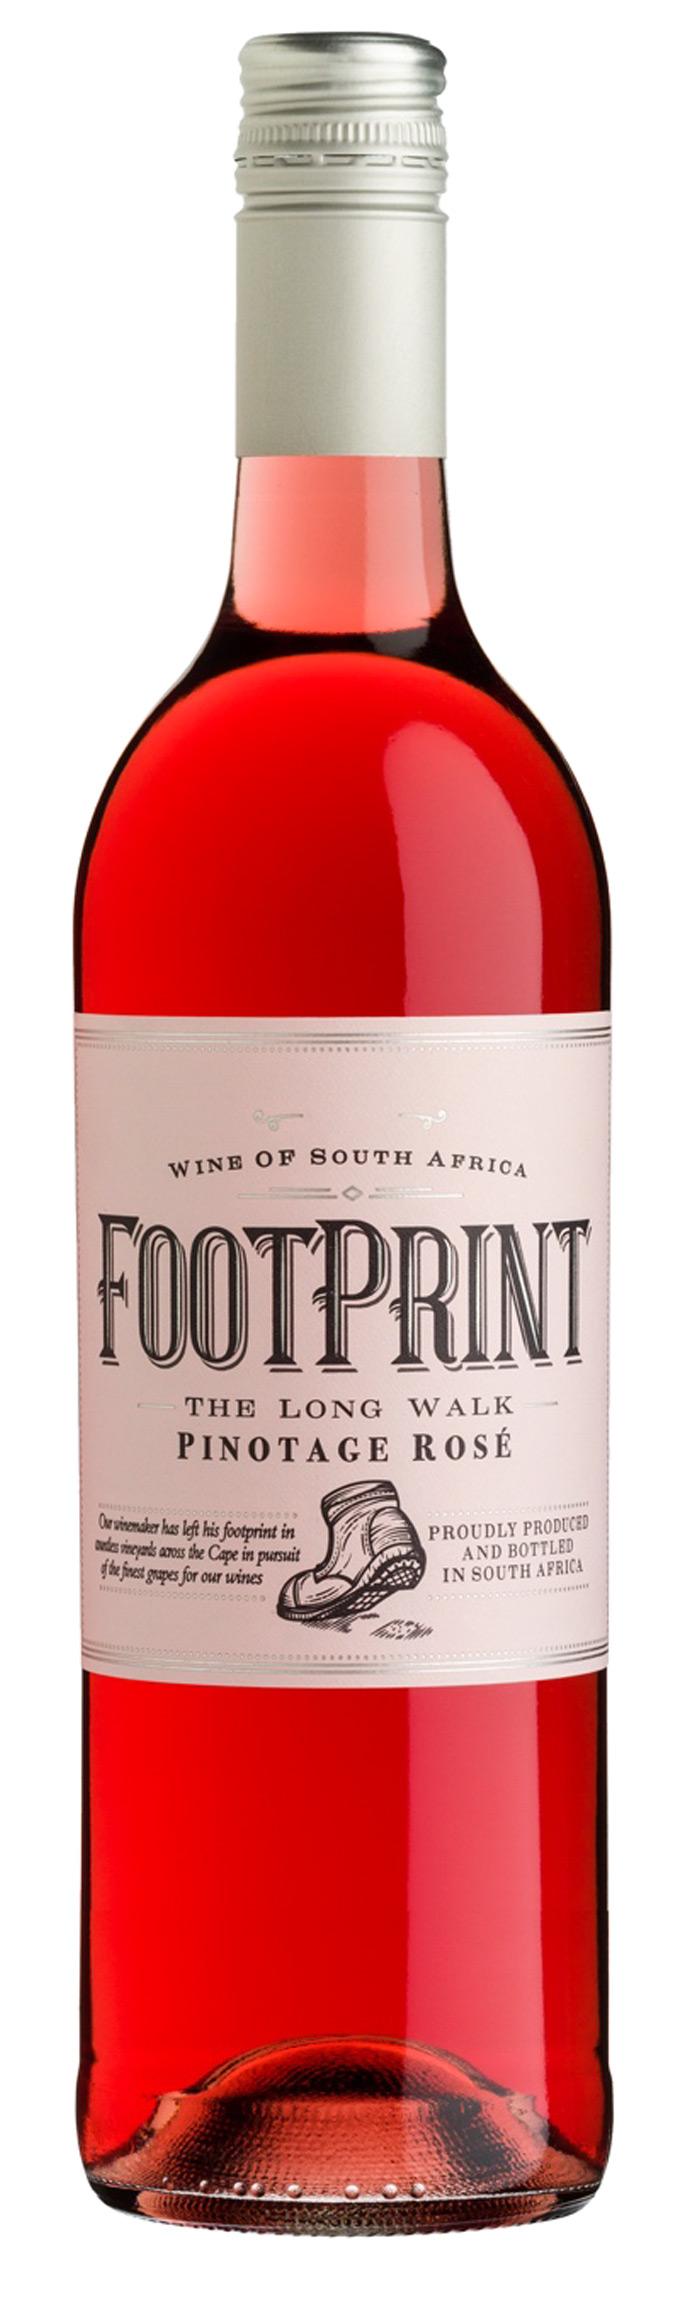 Vintage Style Footprint Weine Aus Sudafrika Wein Design Label Etikett Wine Mydailywine Footprint Vinho Vinhos